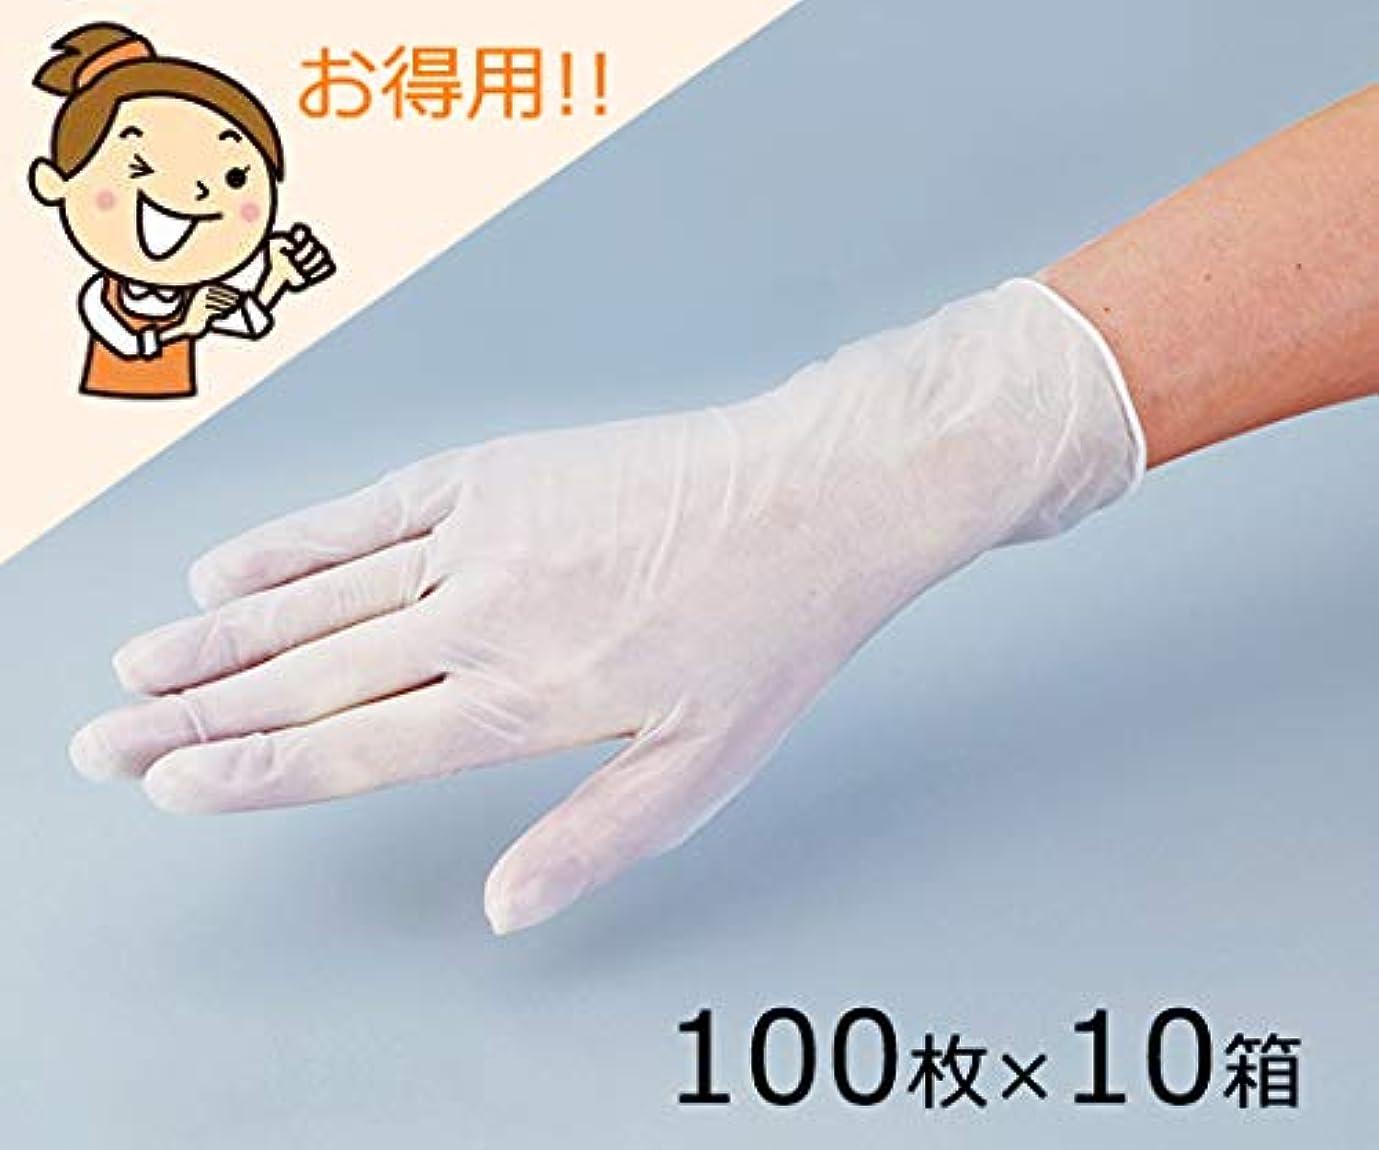 小切手キャビンいとこアズワン7-2396-13ケアプラスチック手袋(パウダーフリー)S1ケース(100枚/箱×10箱入)